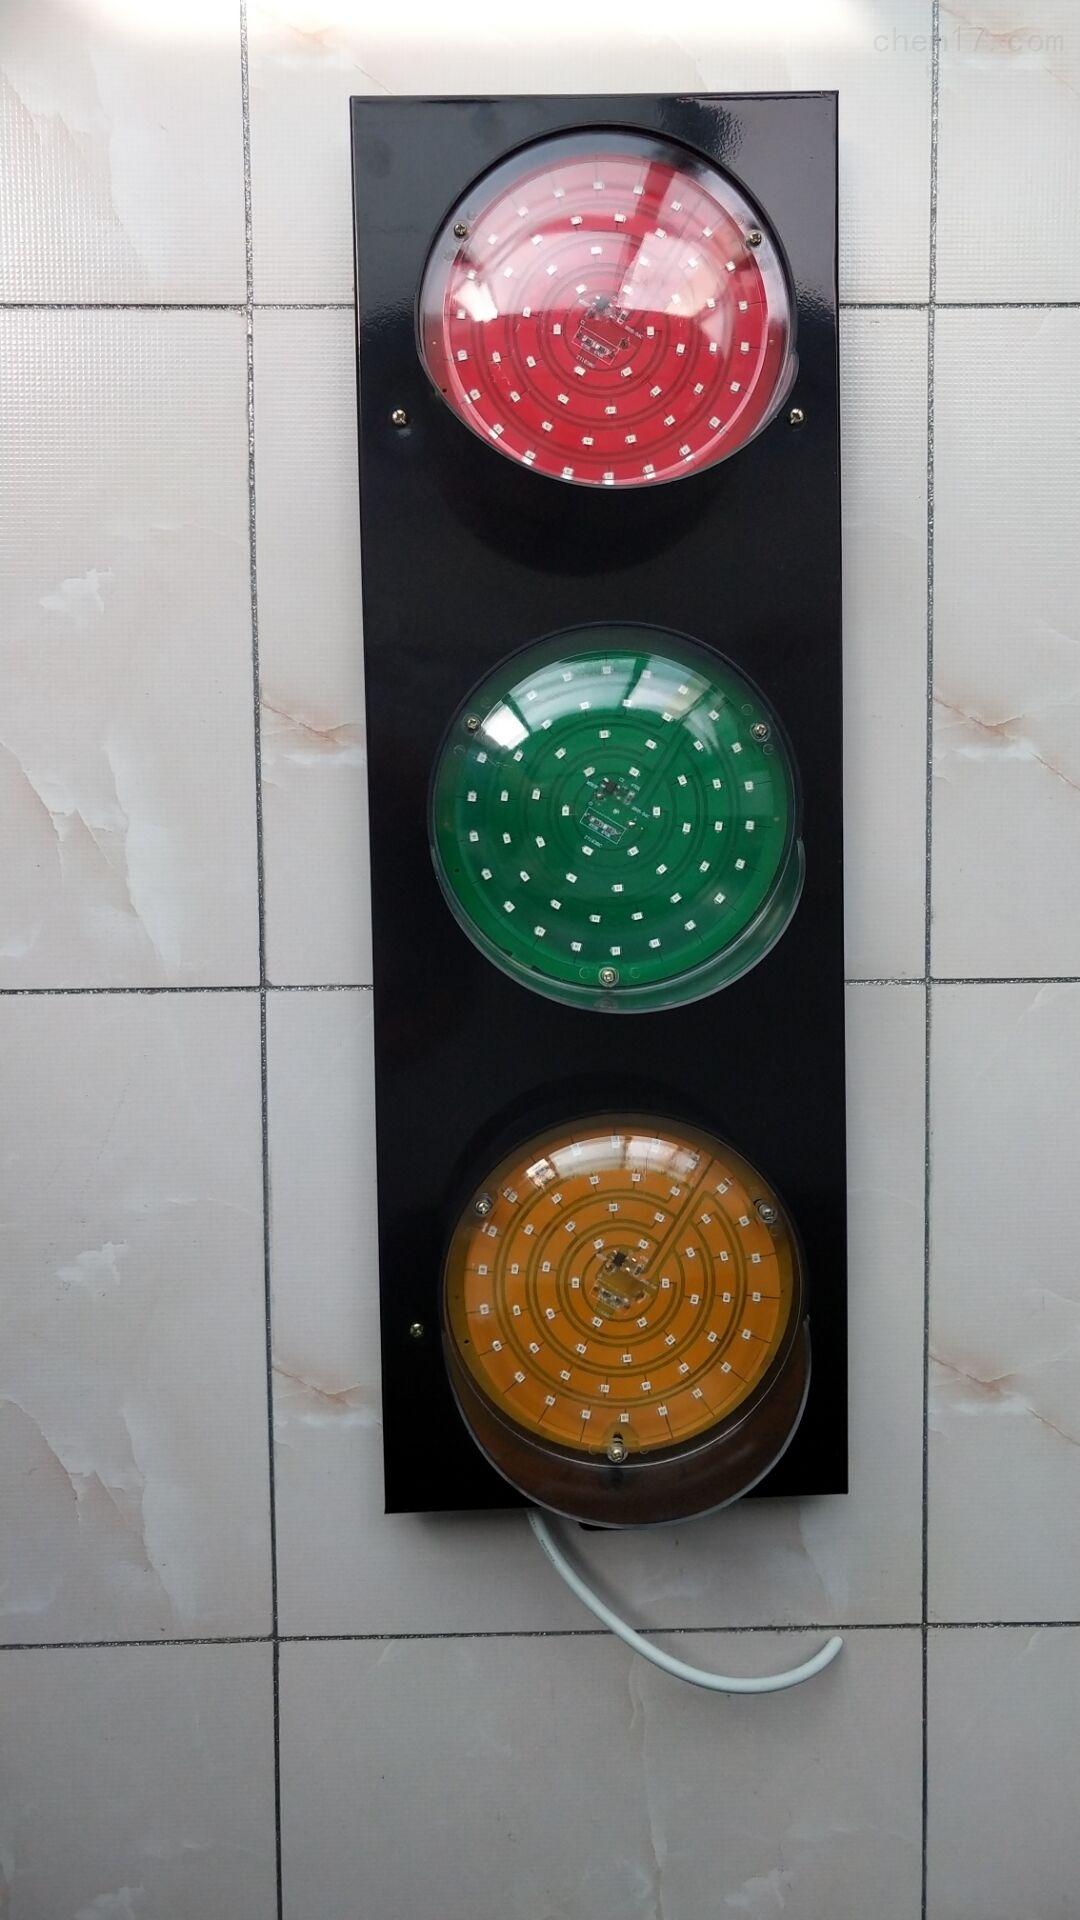 吉林滑线指示灯厂家/滑线指示灯吉林销售部